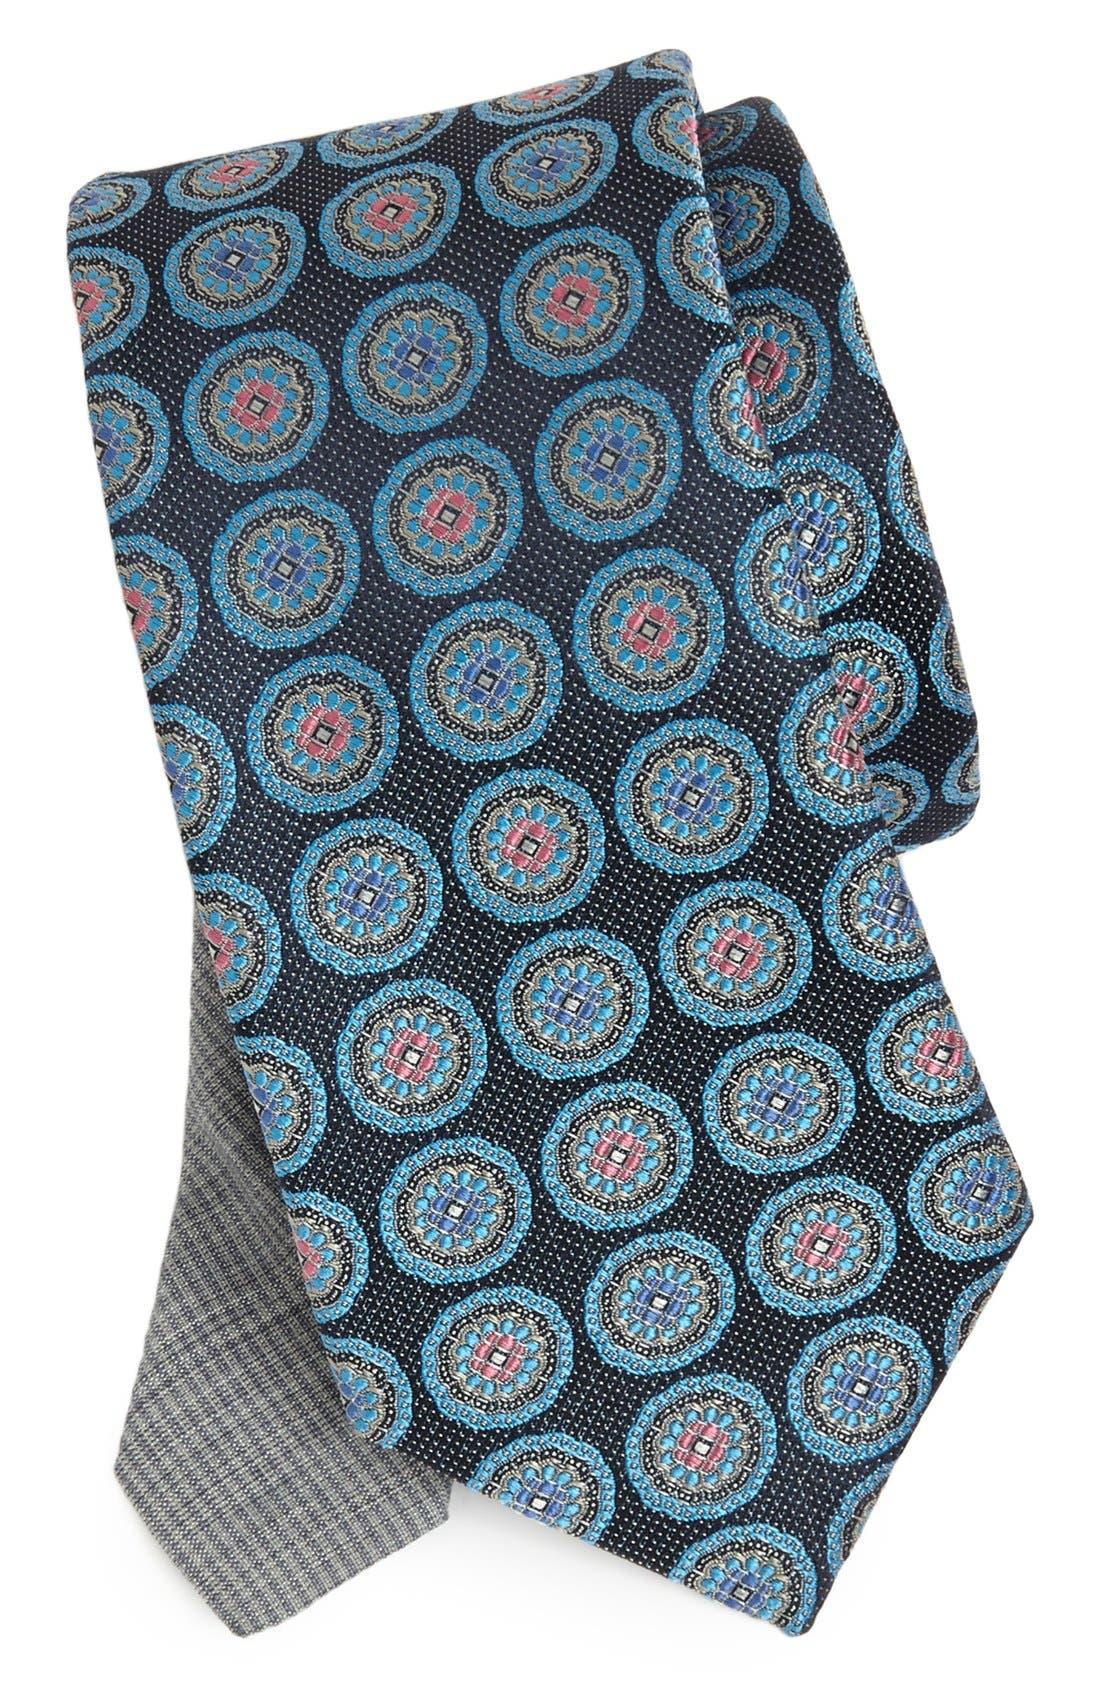 Alternate Image 1 Selected - Samuelsohn Woven Silk Tie